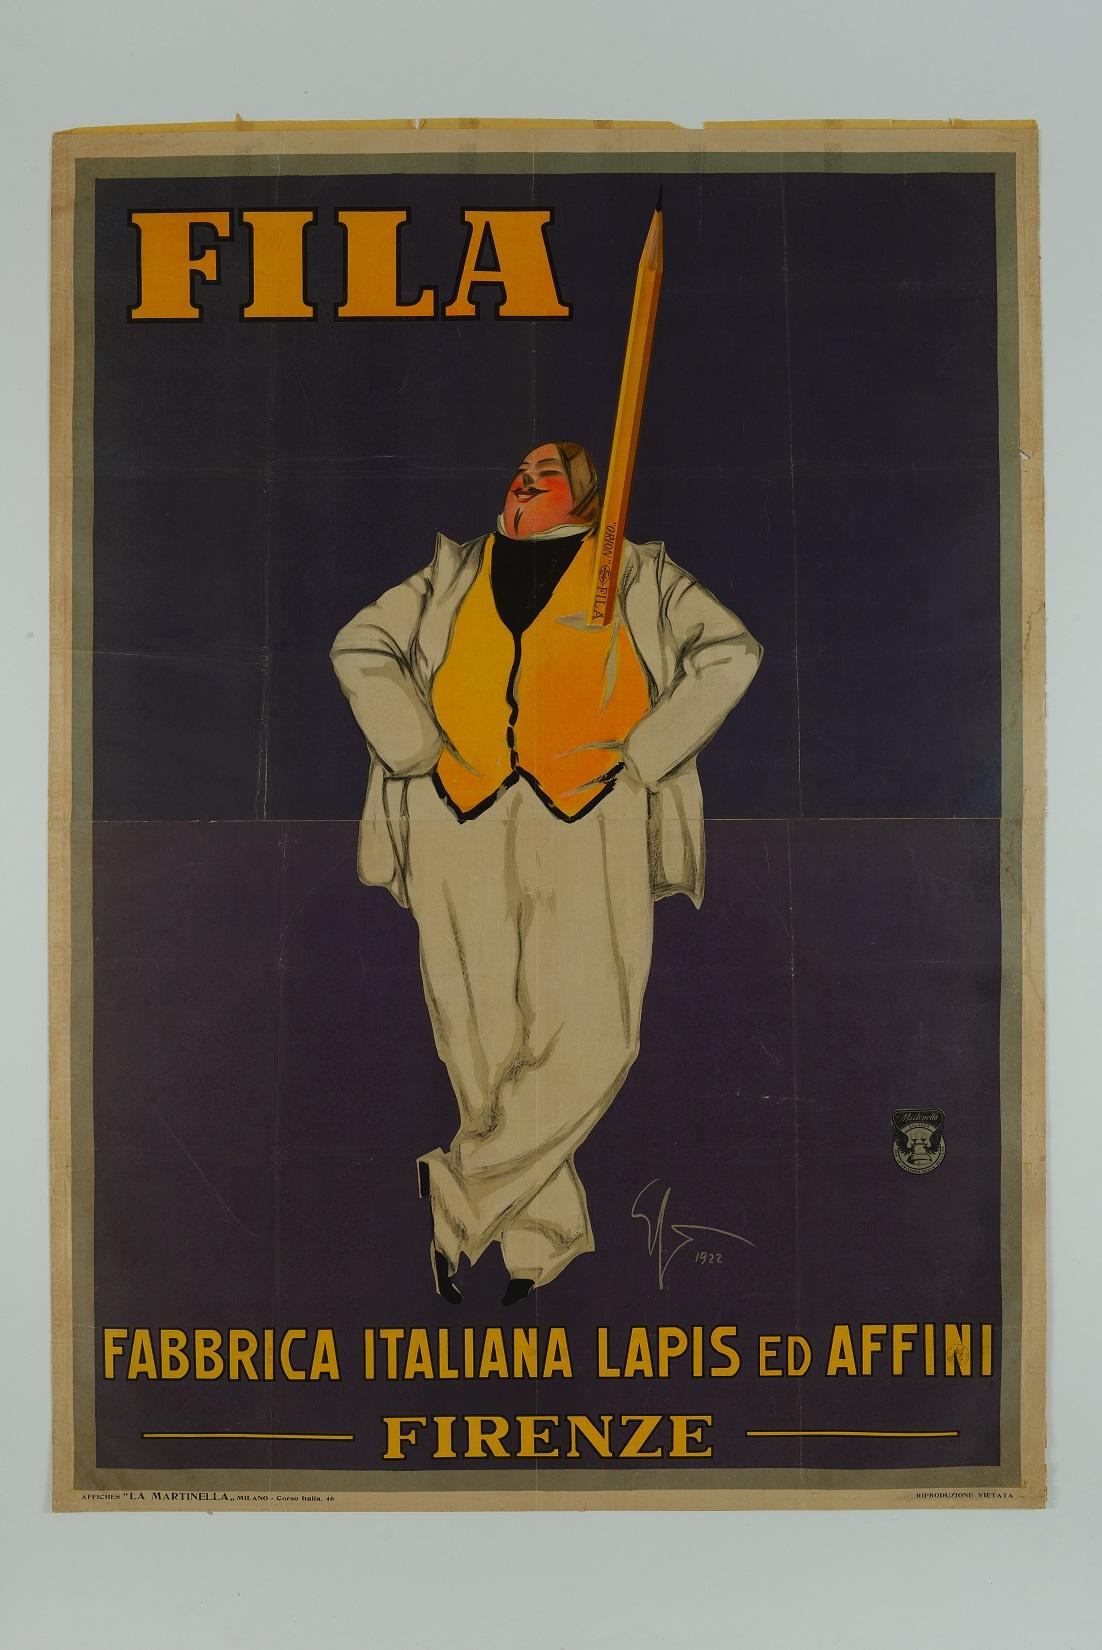 Una pubblicità degli anni 20